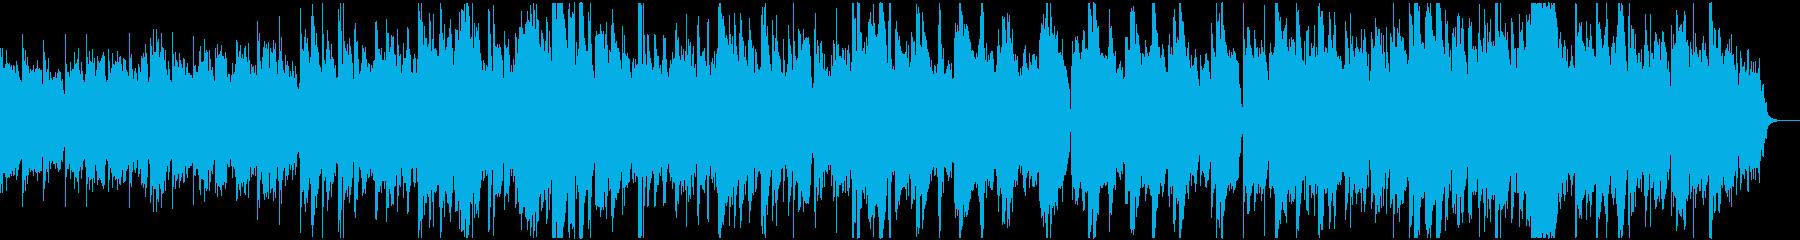 神秘的で柔らかな和風BGMの再生済みの波形